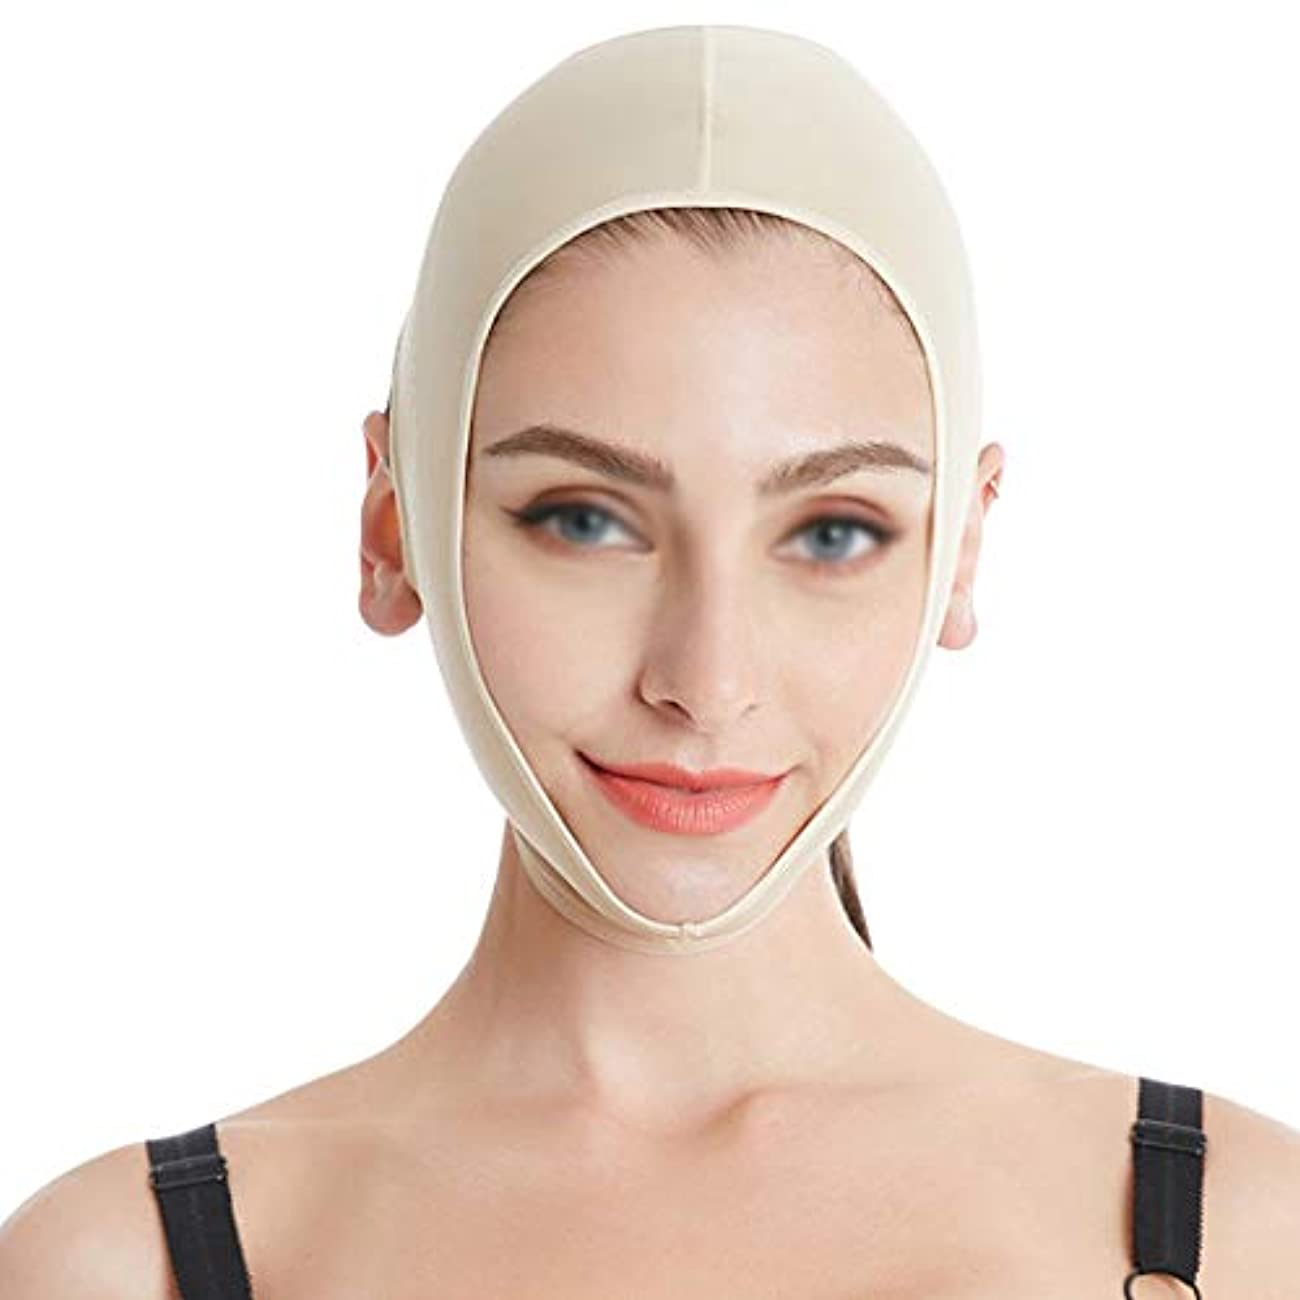 攻撃的直径代替ZWBD フェイスマスク, 顔を持ち上げる包帯V顔薄い顔包帯マスク持ち上がる引き締め睡眠フード顔彫刻形状を二重あごに (Size : L)